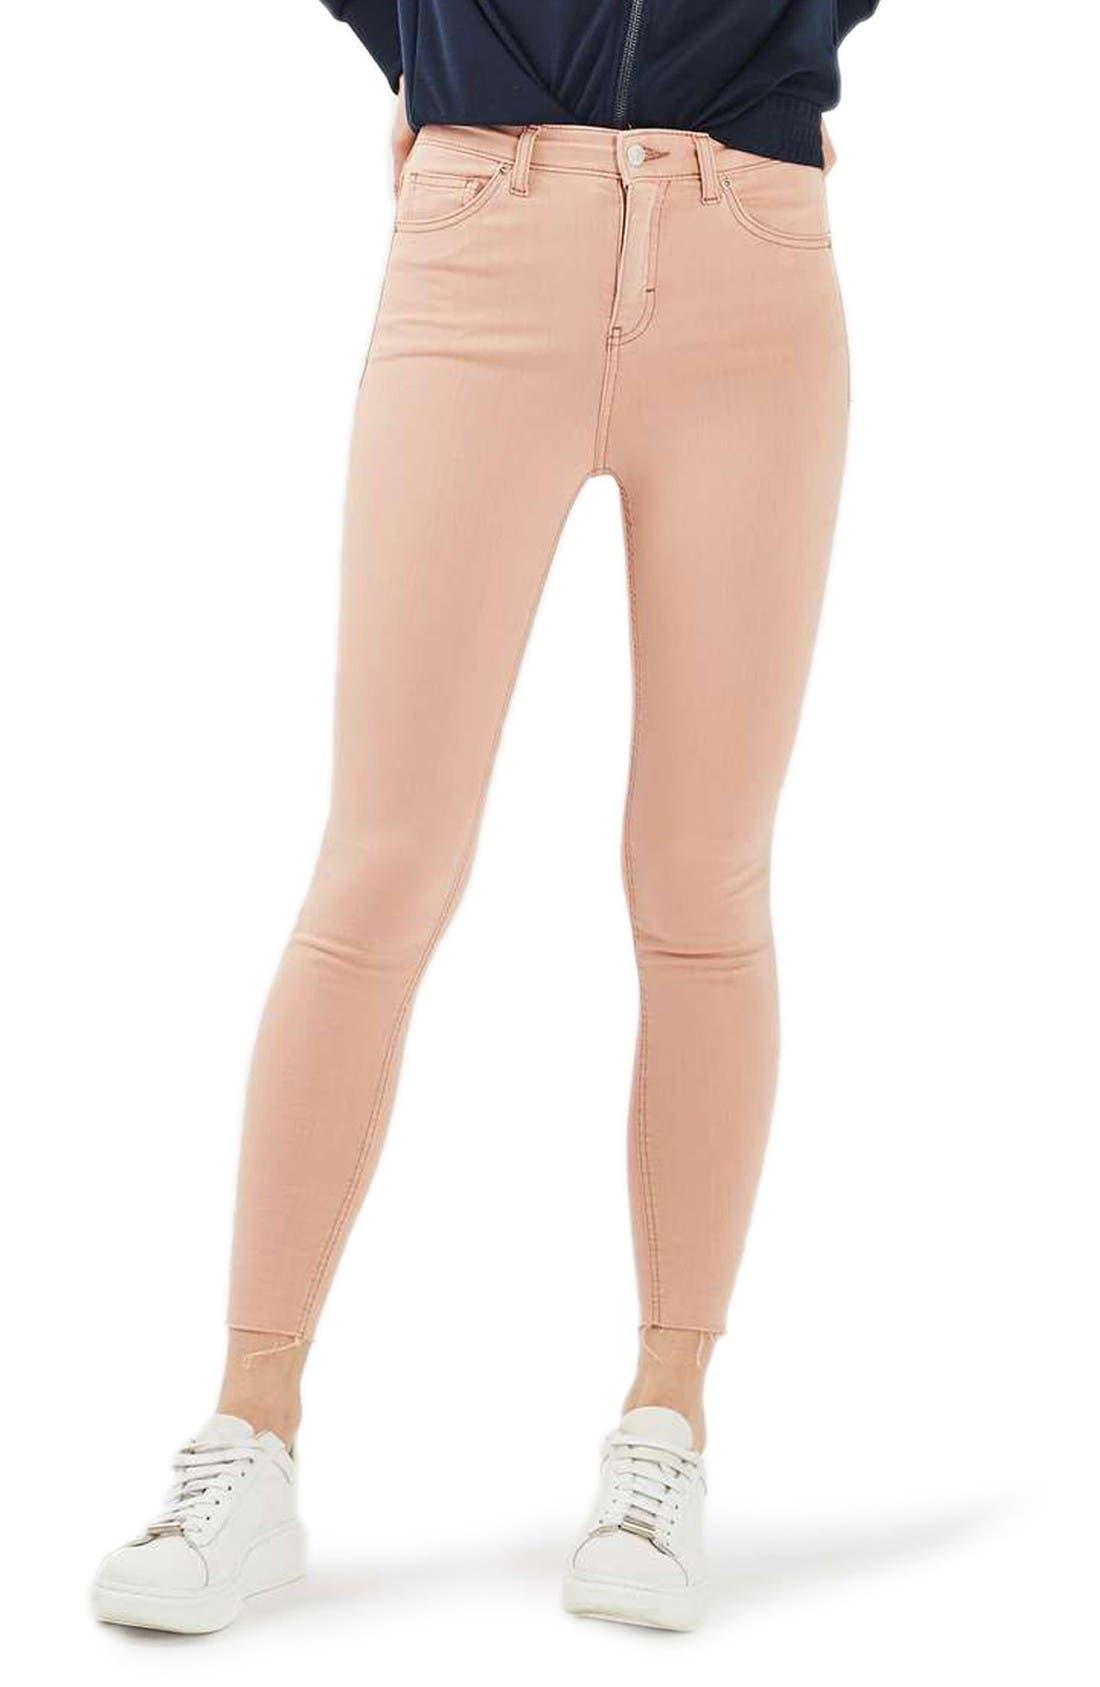 Alternate Image 1 Selected - Topshop Jamie Raw Hem Skinny Jeans (Dusky Pink)